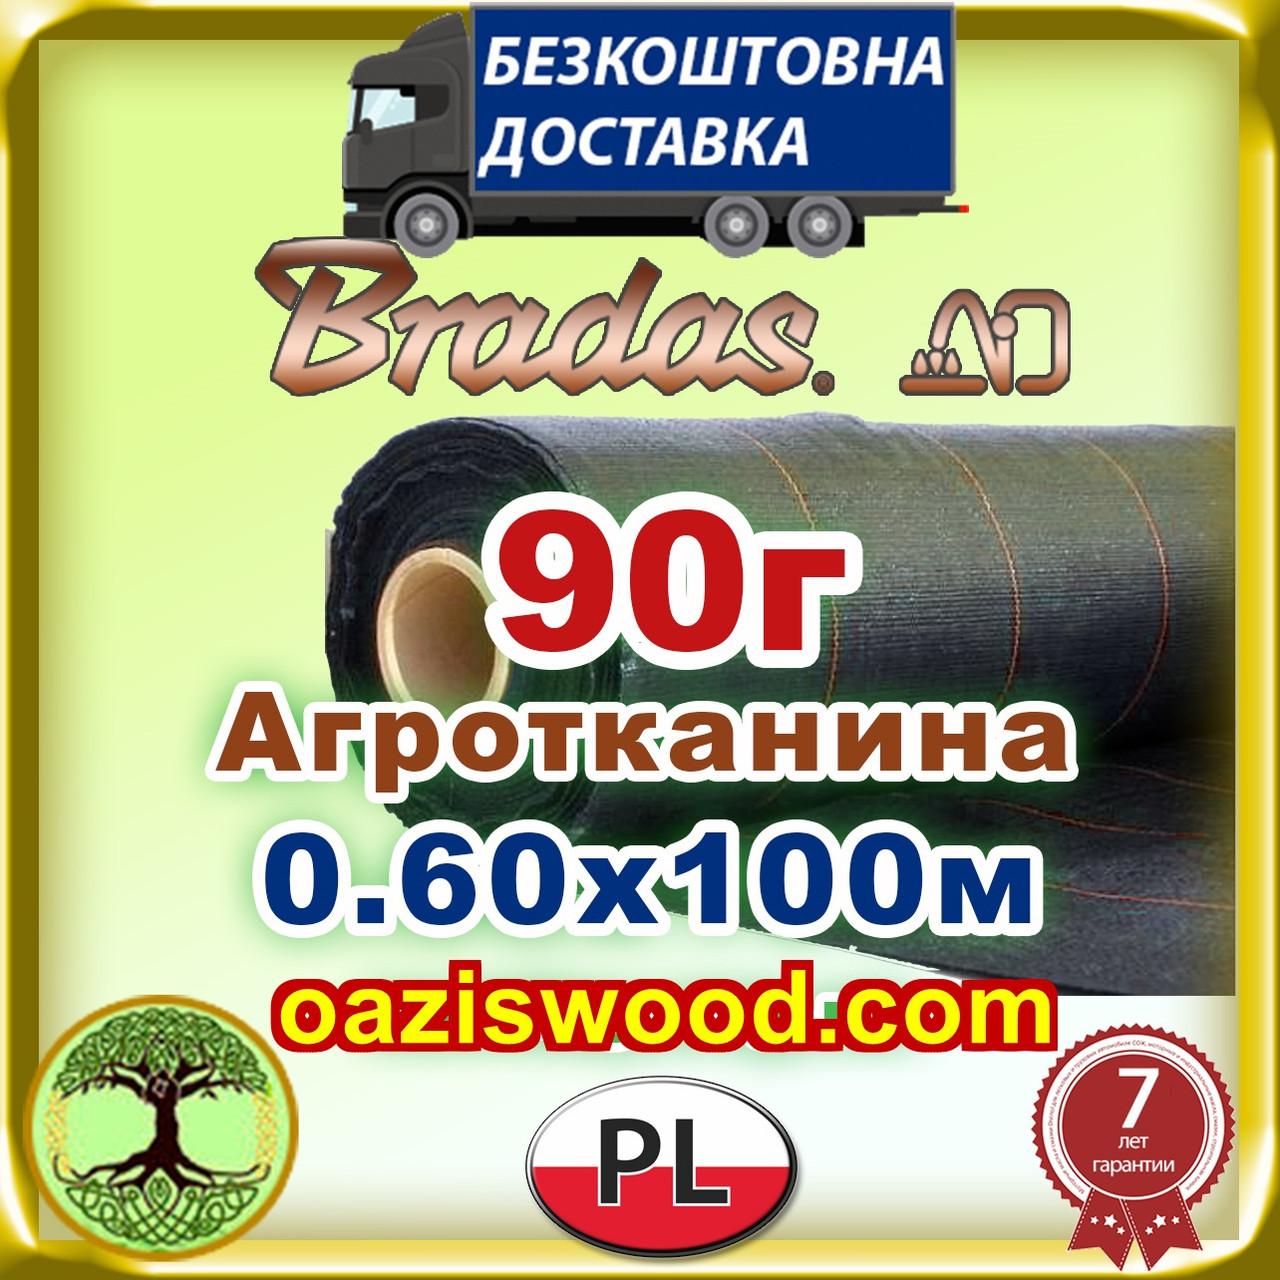 Агротканина 0,6 * 100м 90г/м² BRADAS плетена, чорна, щільна. Мульчування грунту на 7-10 років